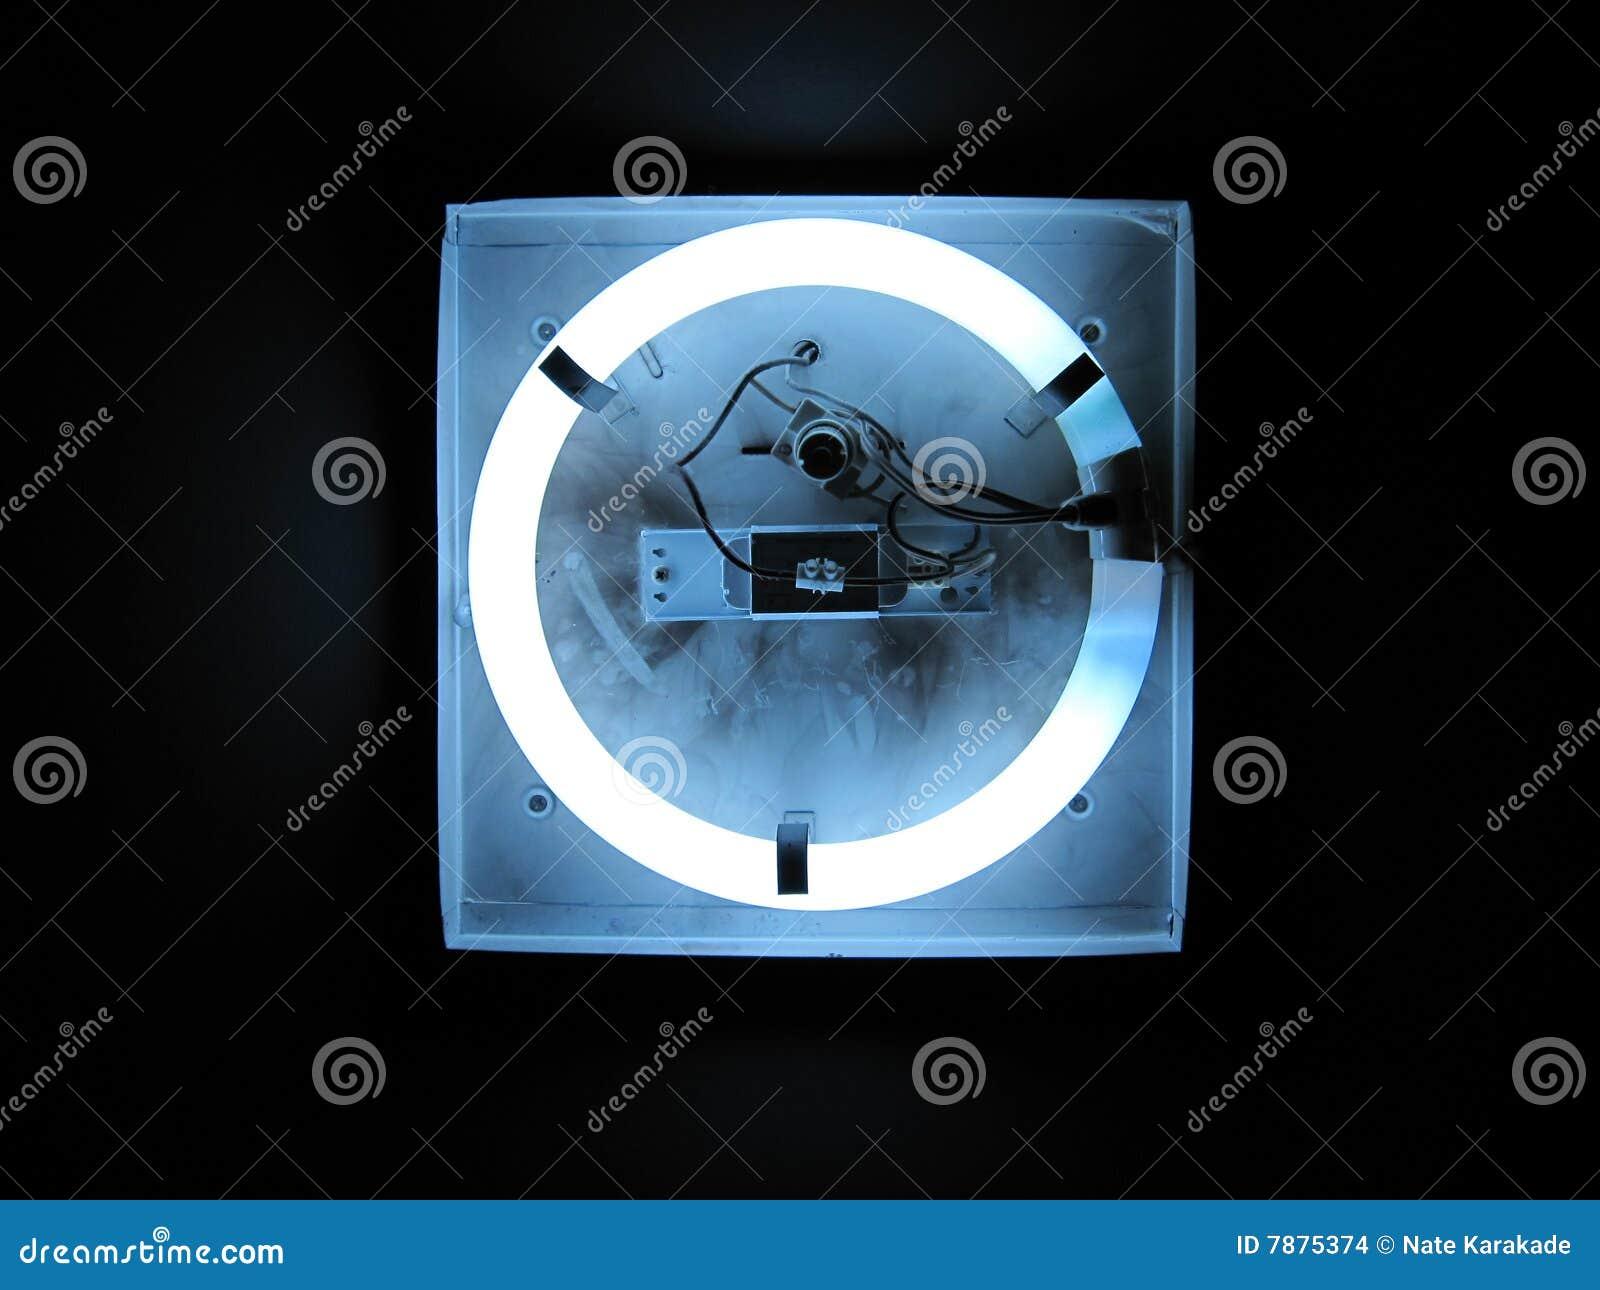 Schema Collegamento Neon Circolare : Come sostituire un tubo neon con quello led tom s hardware italia